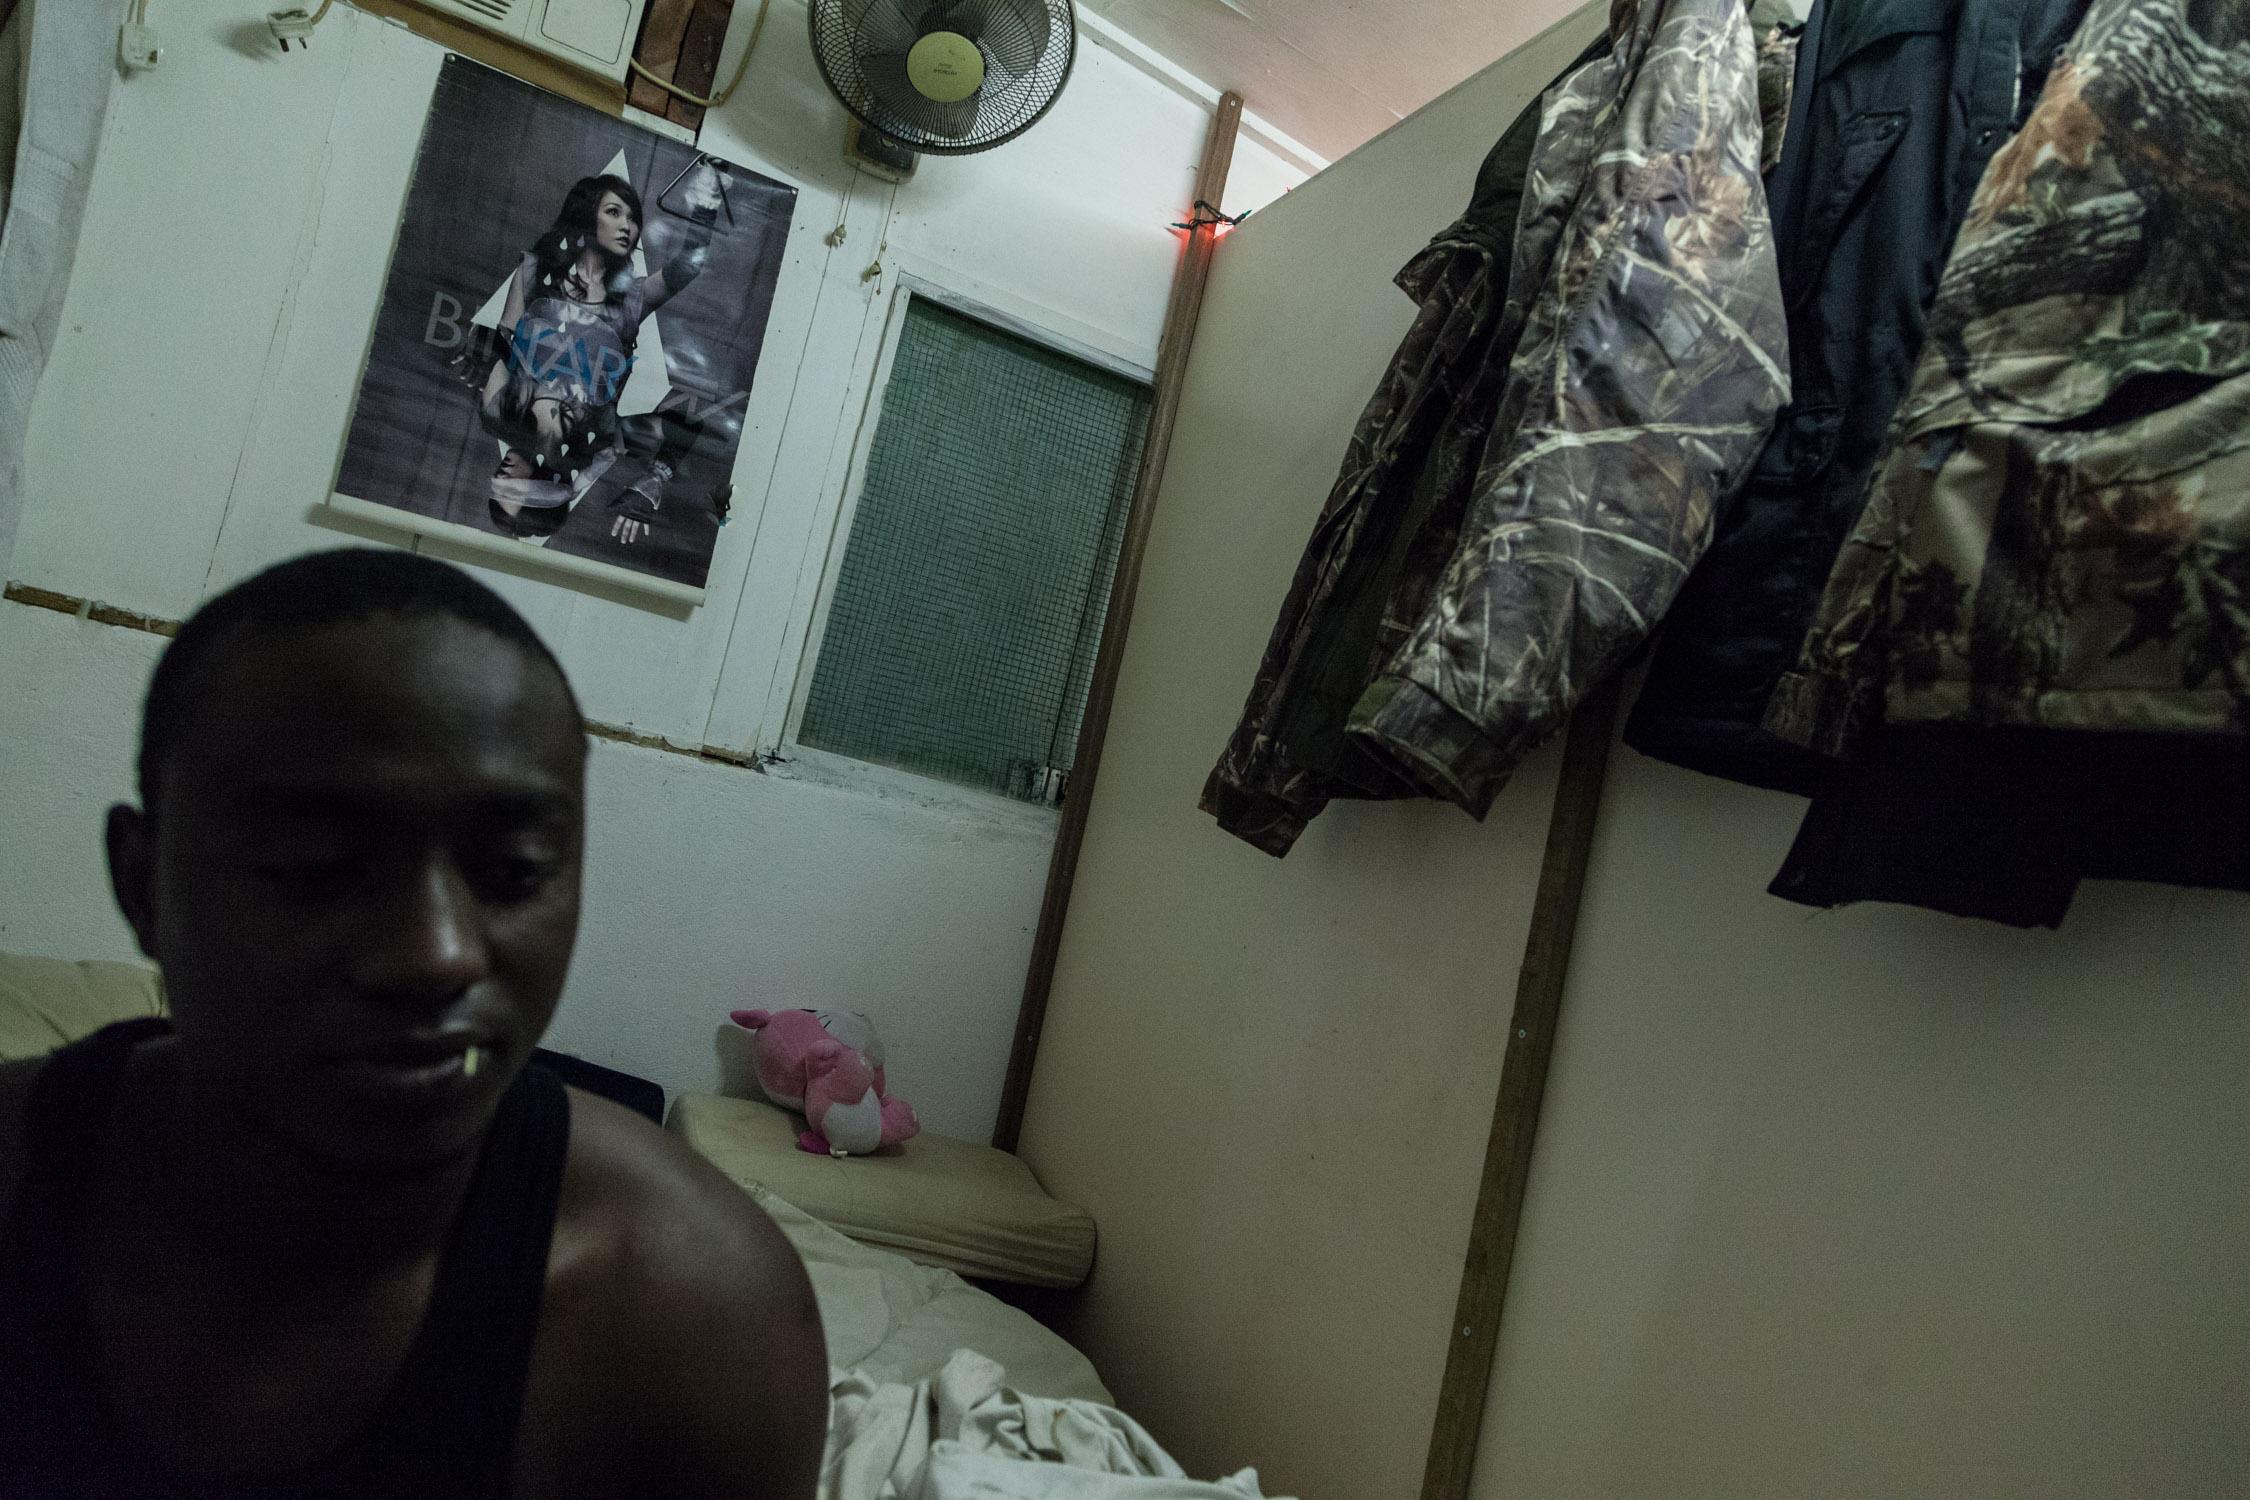 社工表示,貧民窟在香港最少有六十五處,他們都是因難民且被禁止工作的情況下而選擇居住於貧民窟